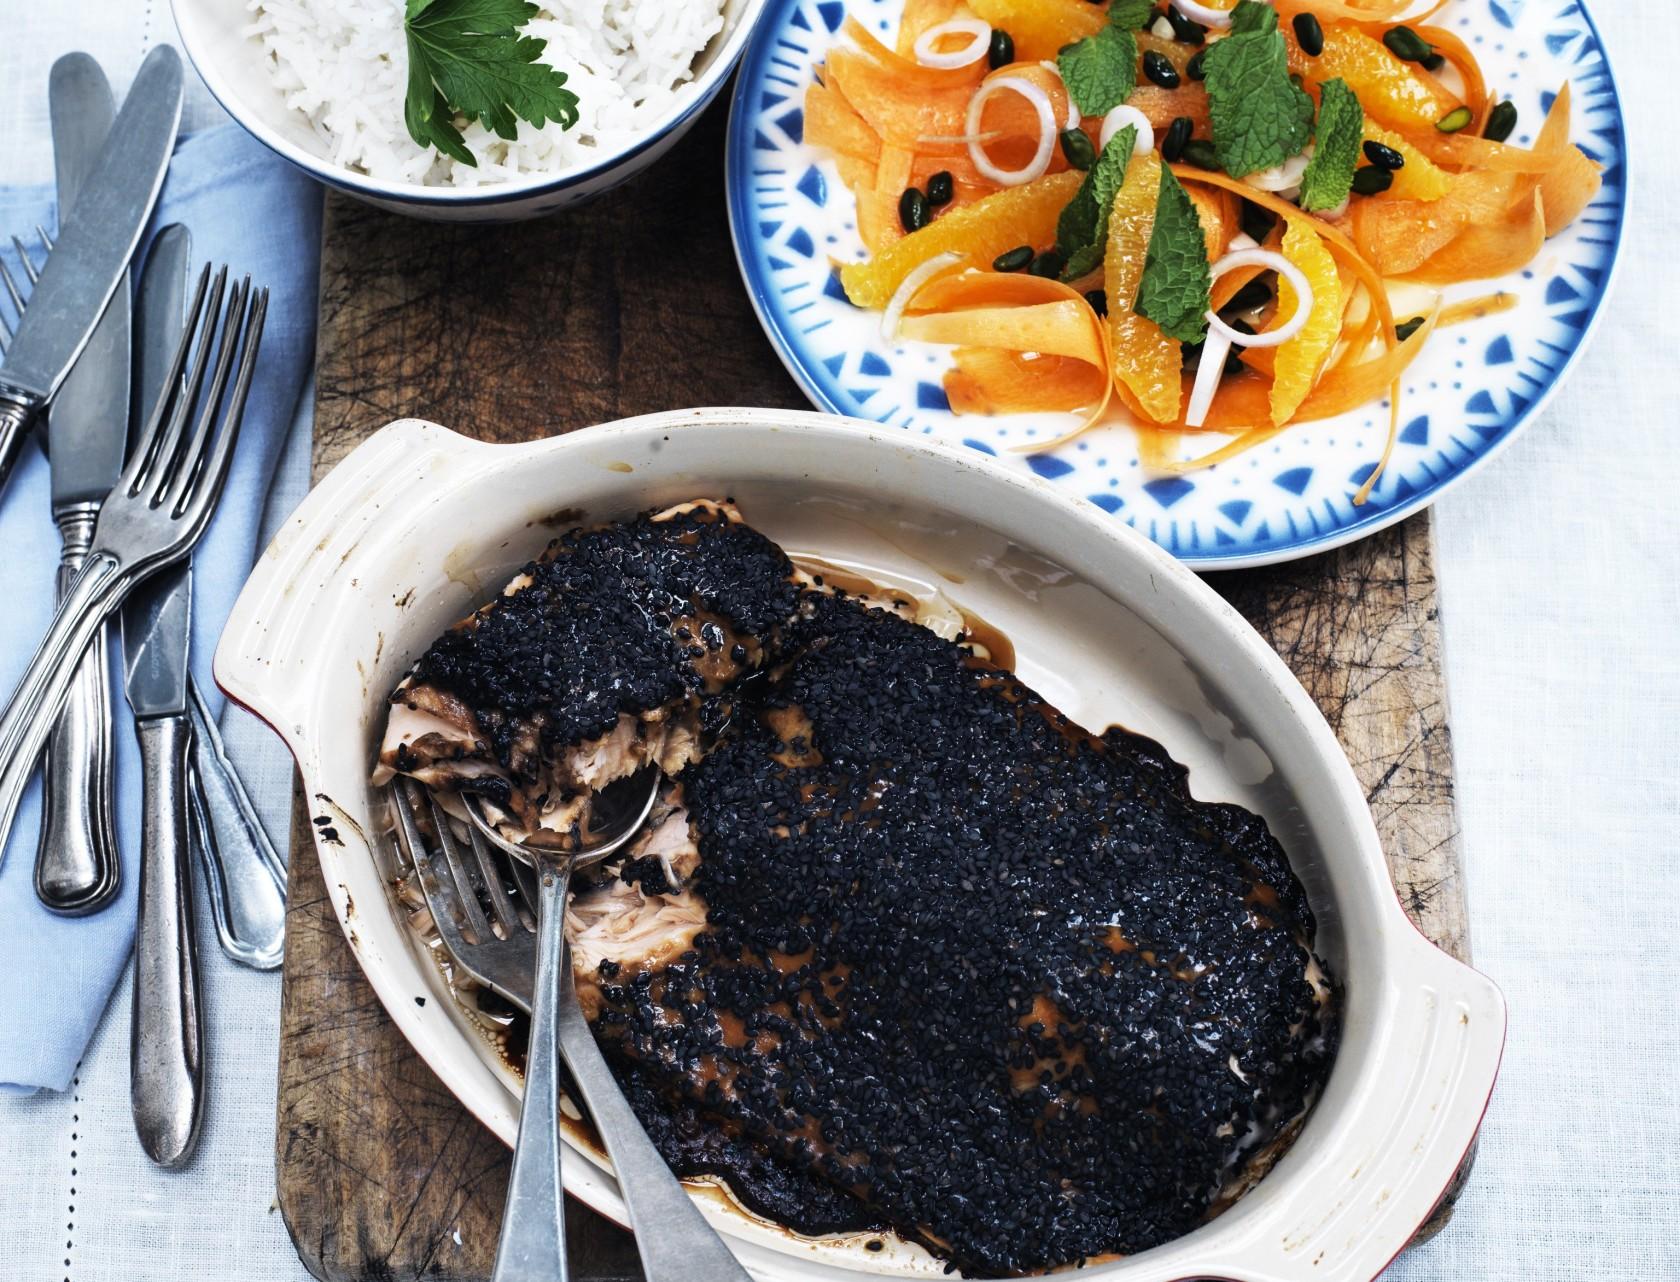 Marineret laks med ris og gulerodssalat - nem og lækker opskrift på hverdagsmad.